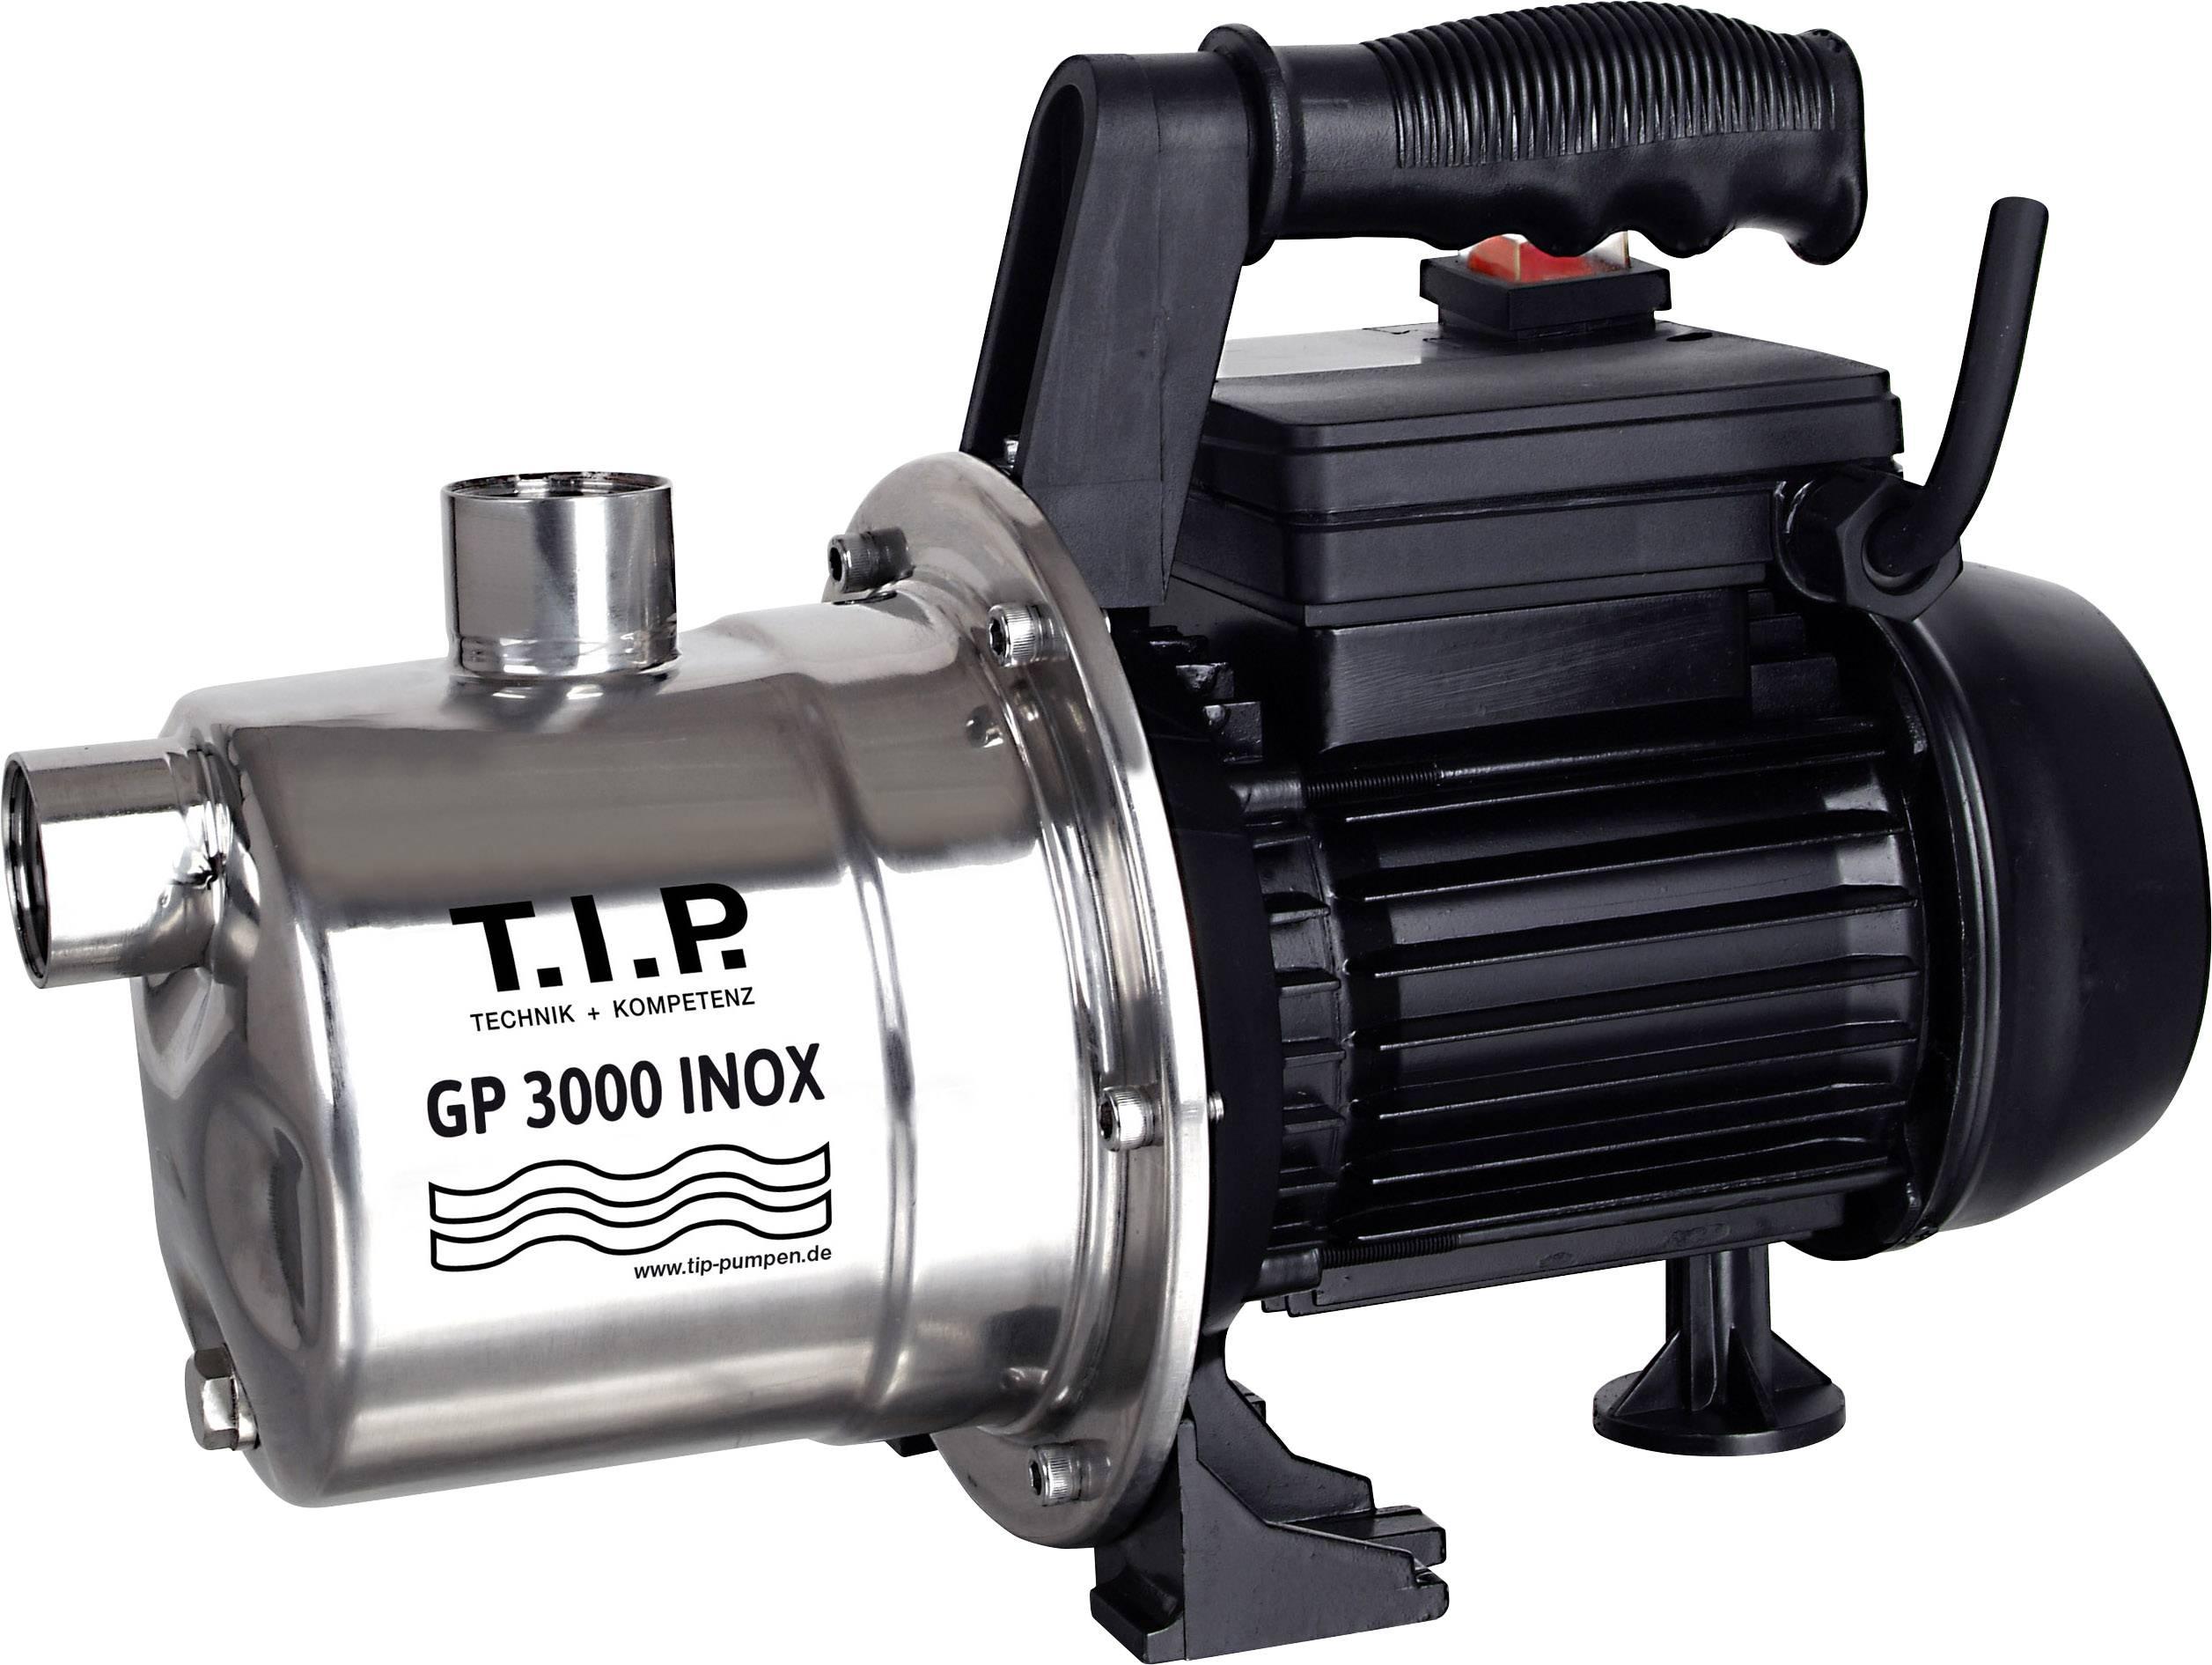 Záhradné čerpadlo T.I.P. GP 3000 Inox, 2950 l/h, 42 m, 550 W